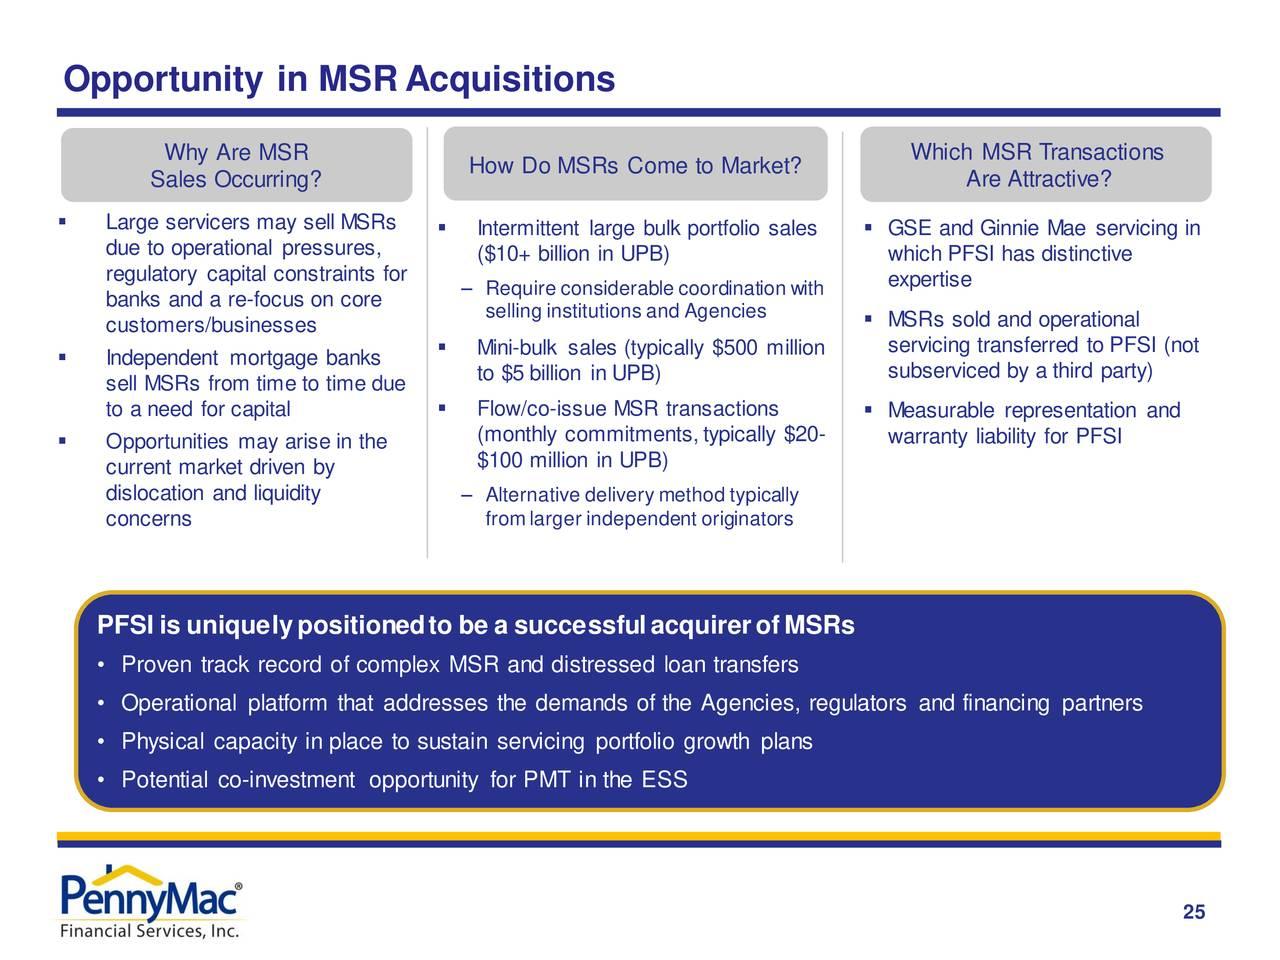 Oportunidad en adquisiciones de MSRA